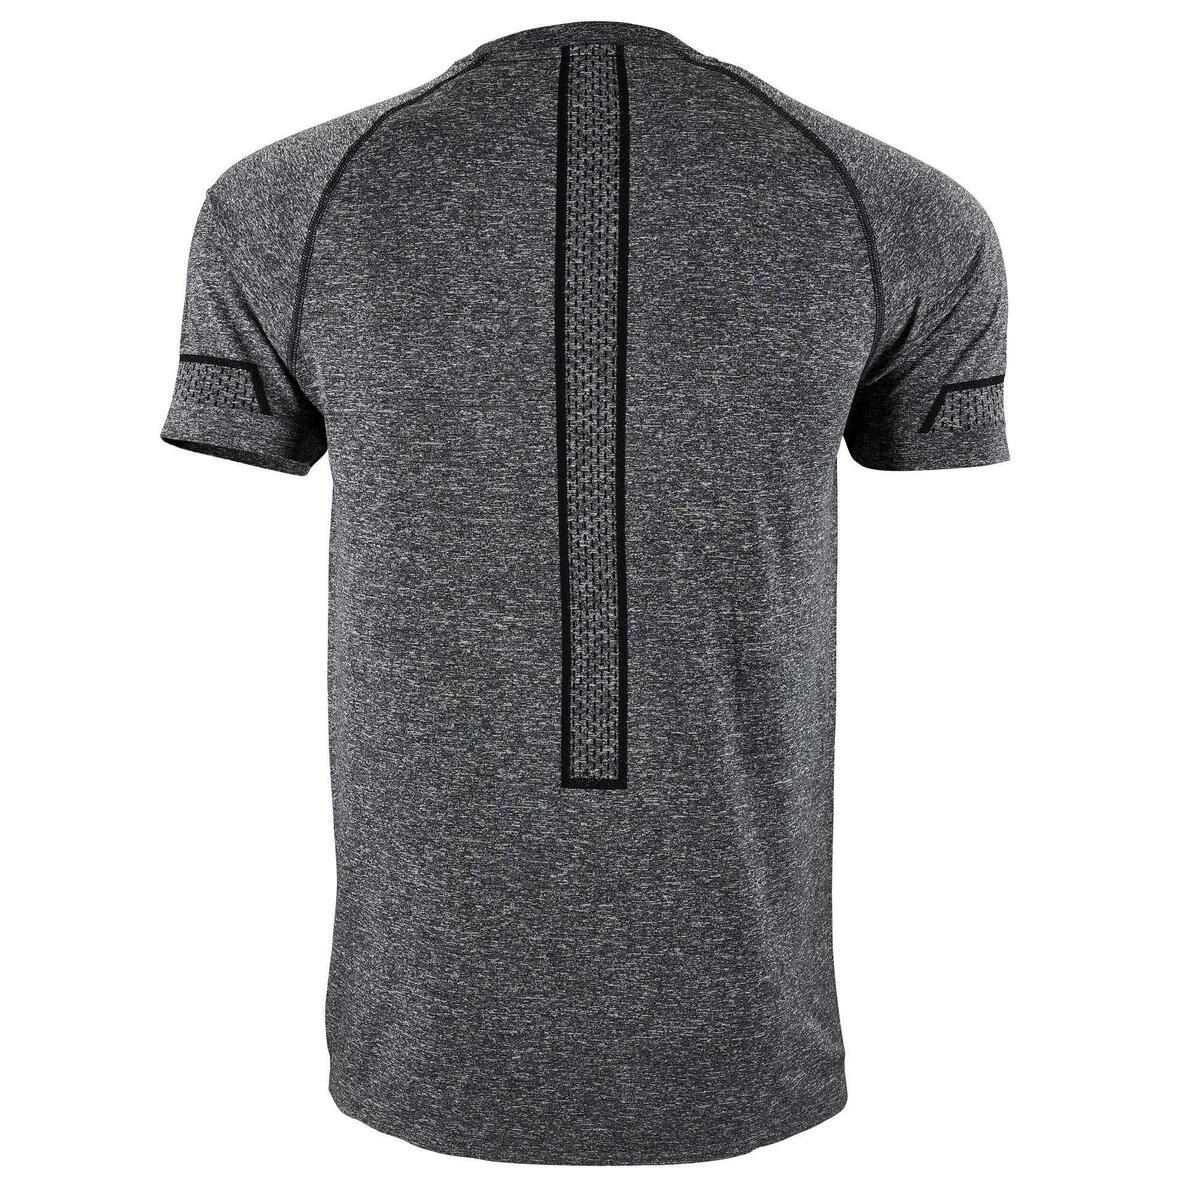 Bild 3 von T-Shirt Seamless Fitness Cardio Herren grau